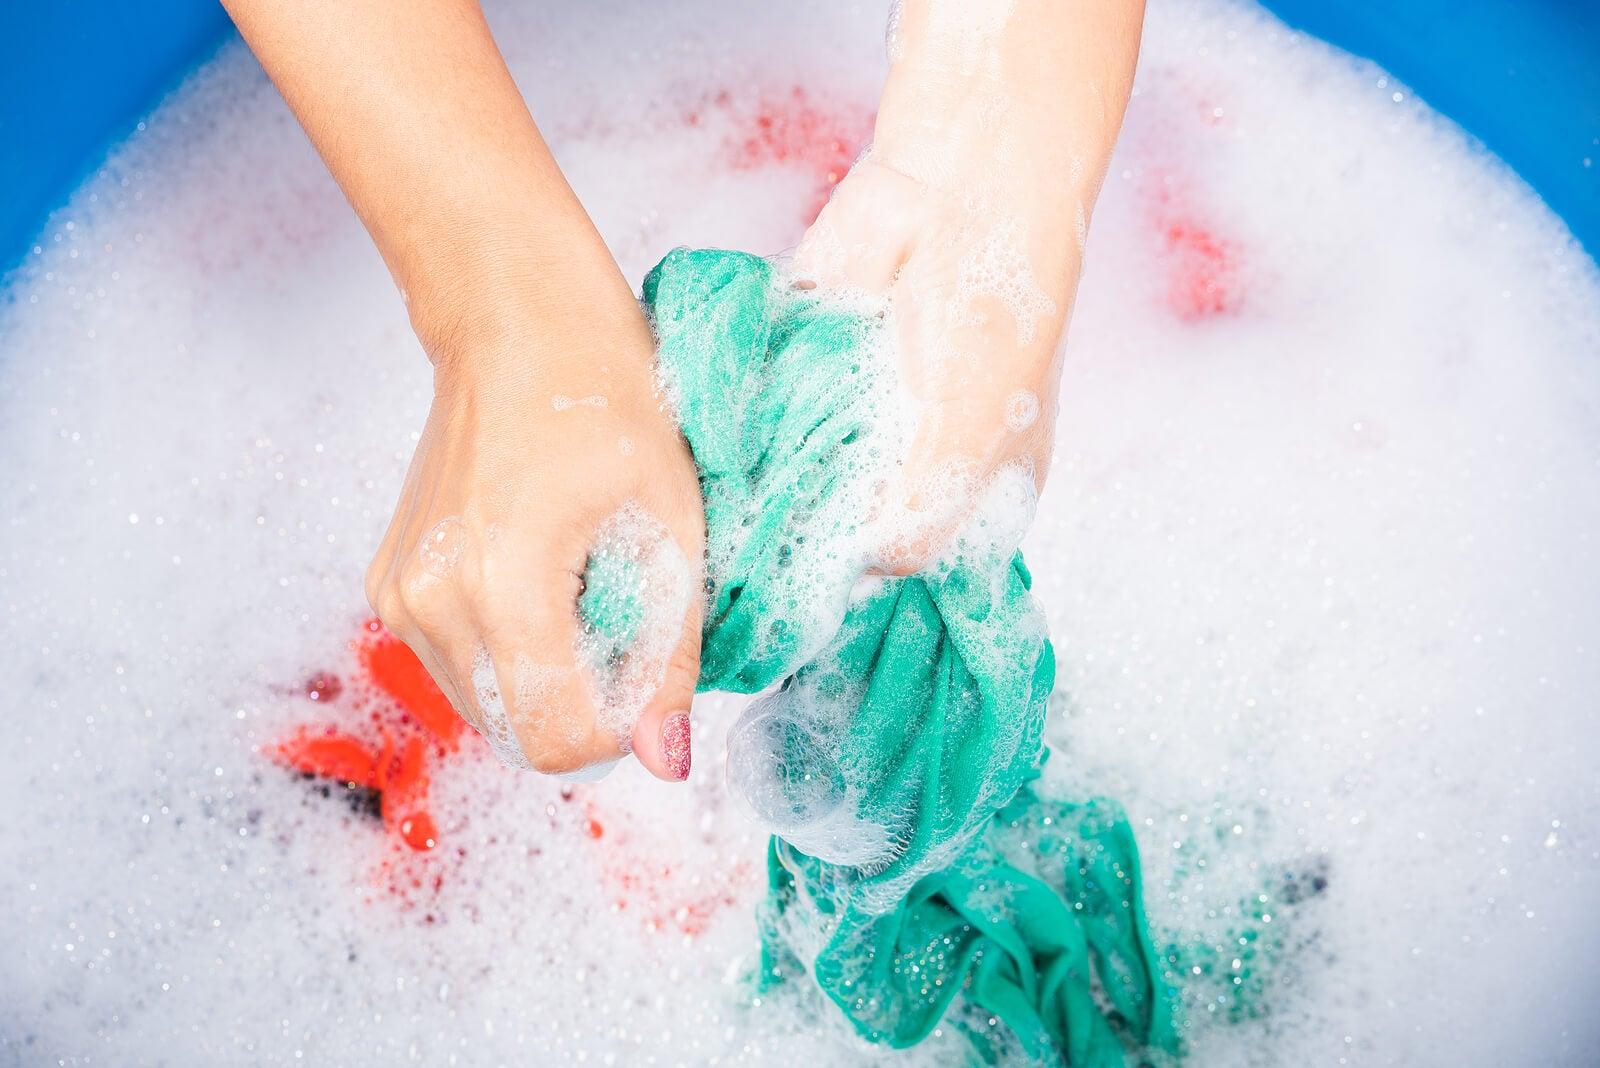 Lava tu ropa interior a mano para cuidarla.